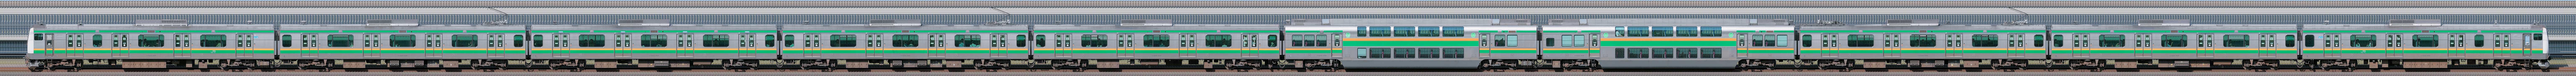 JR東日本 小山車両センター E233系U630編成(山側)の編成サイドビュー